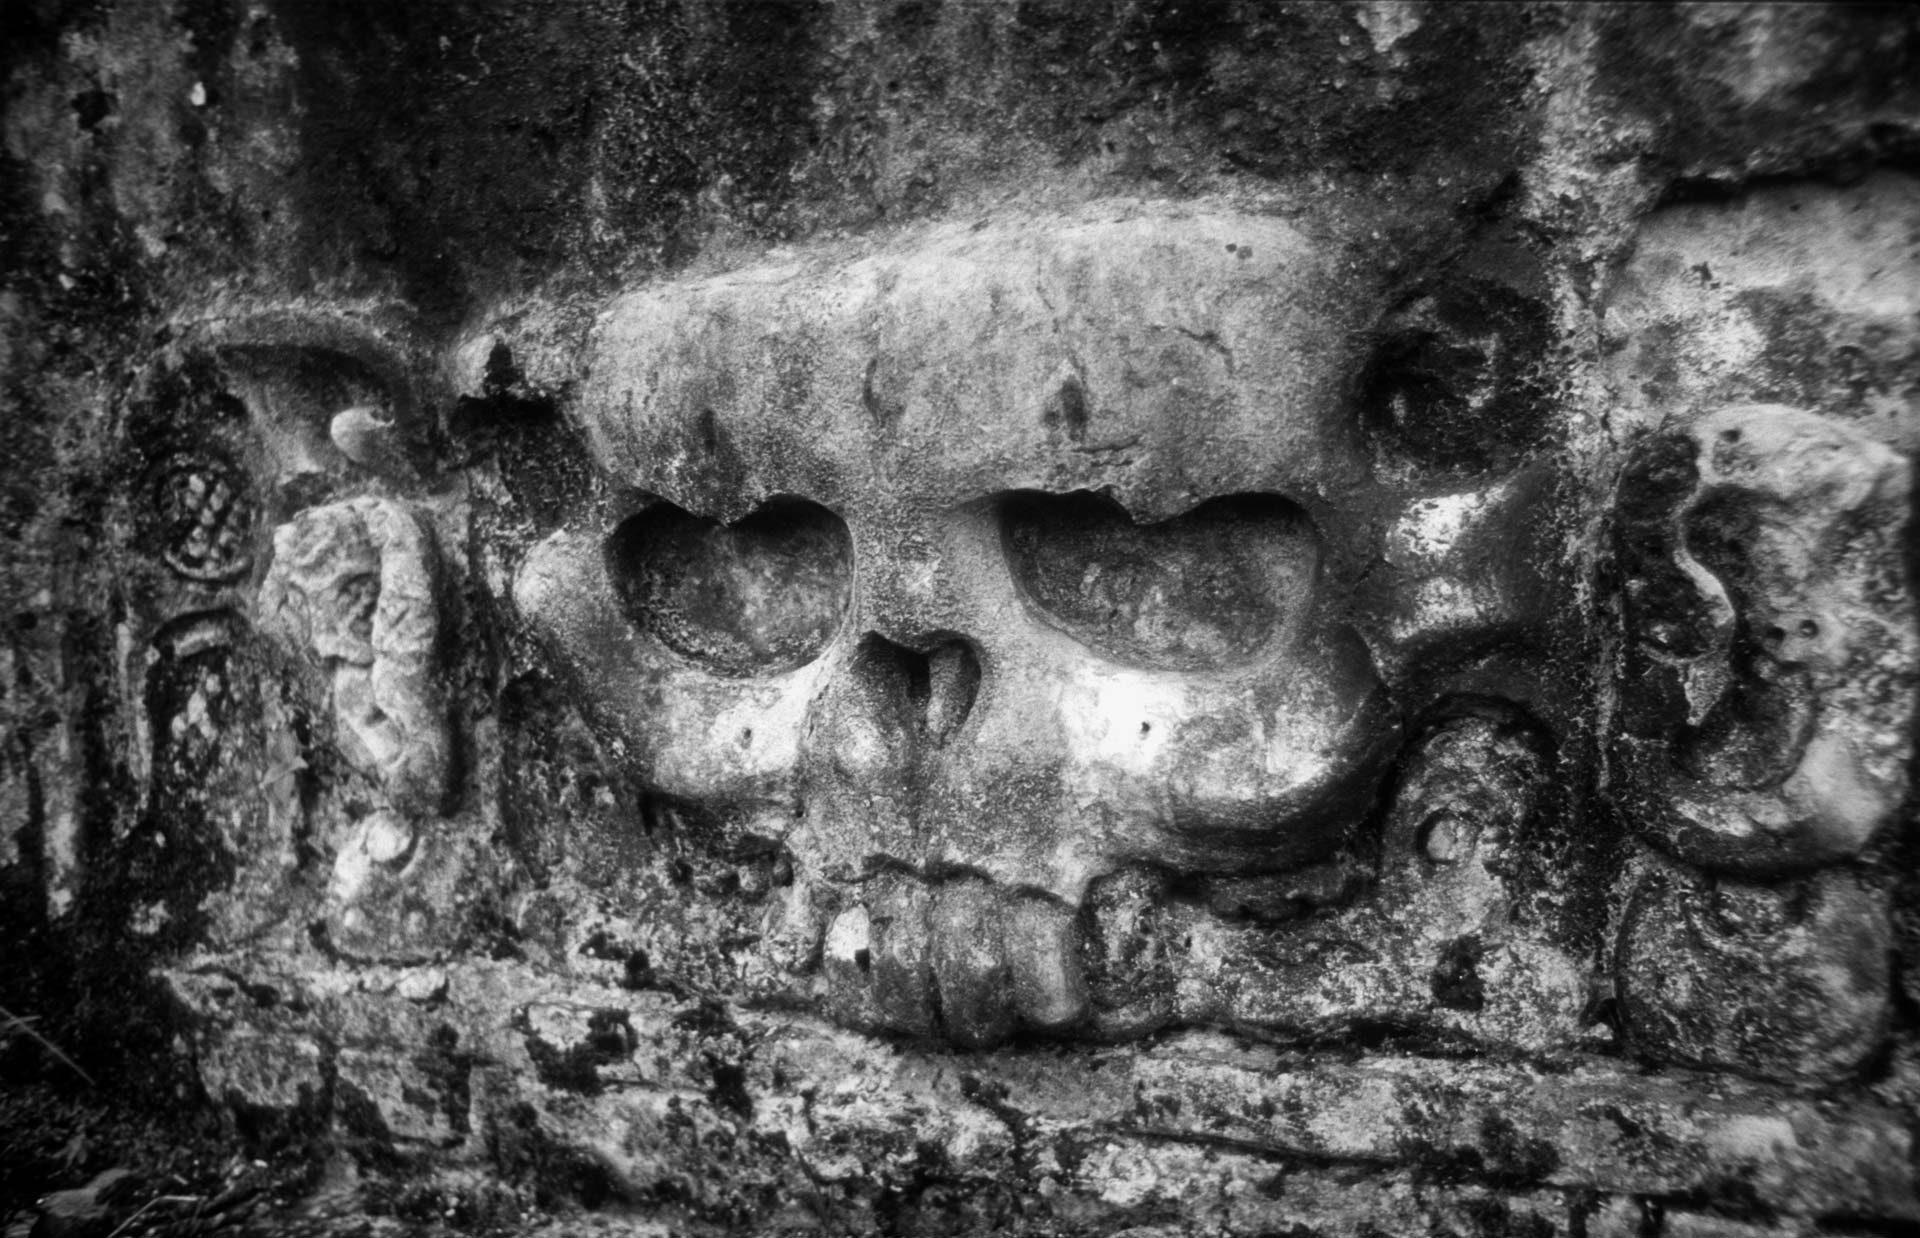 Relief eines Totenschädels auf der Wand eines Maya-Tempels, vermutlich zu kultischen Zwecken, wahrscheinlich in Chichén Itzá – Relief of a skull on the wall of a Maya temple, probably for cult purposes, not really sure if it was in Chichén Itzá